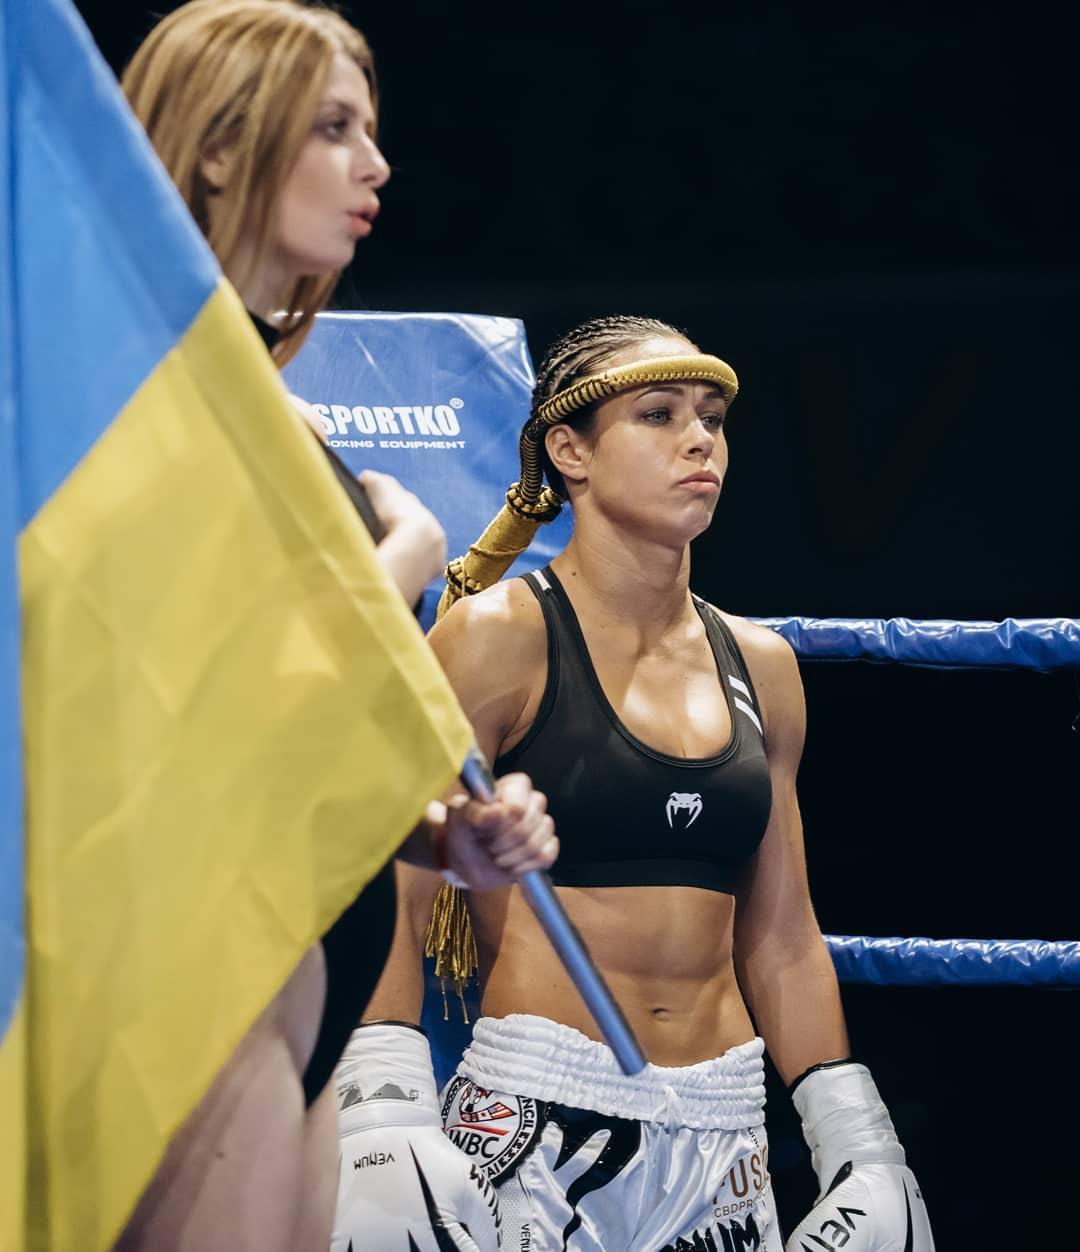 Одна из лучших спортсменок Украины думает сменить гражданство. Виноваты чиновники